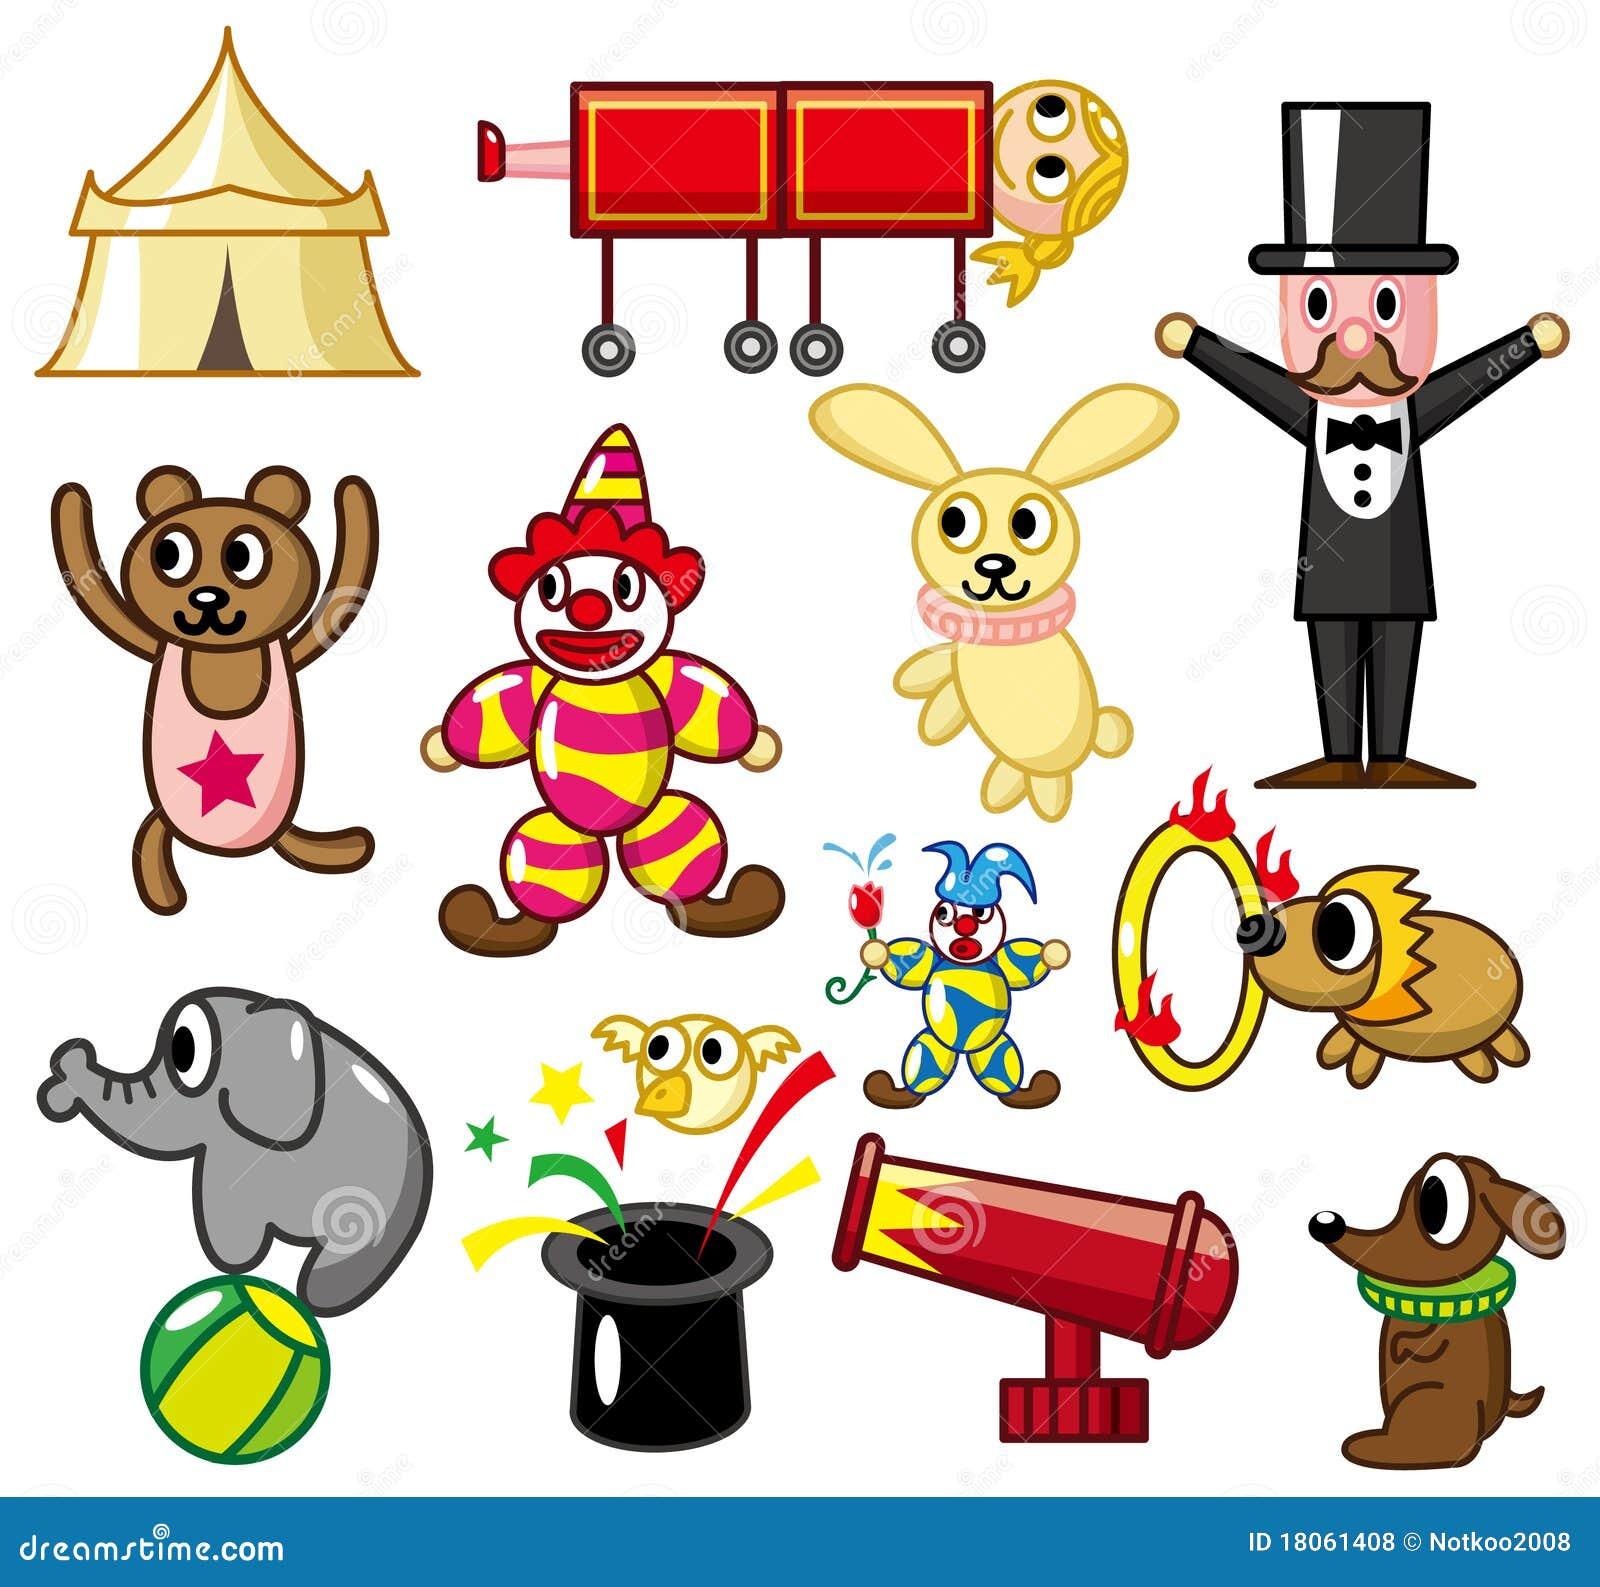 Cartoon Circus Icon Royalty Free Stock Photos